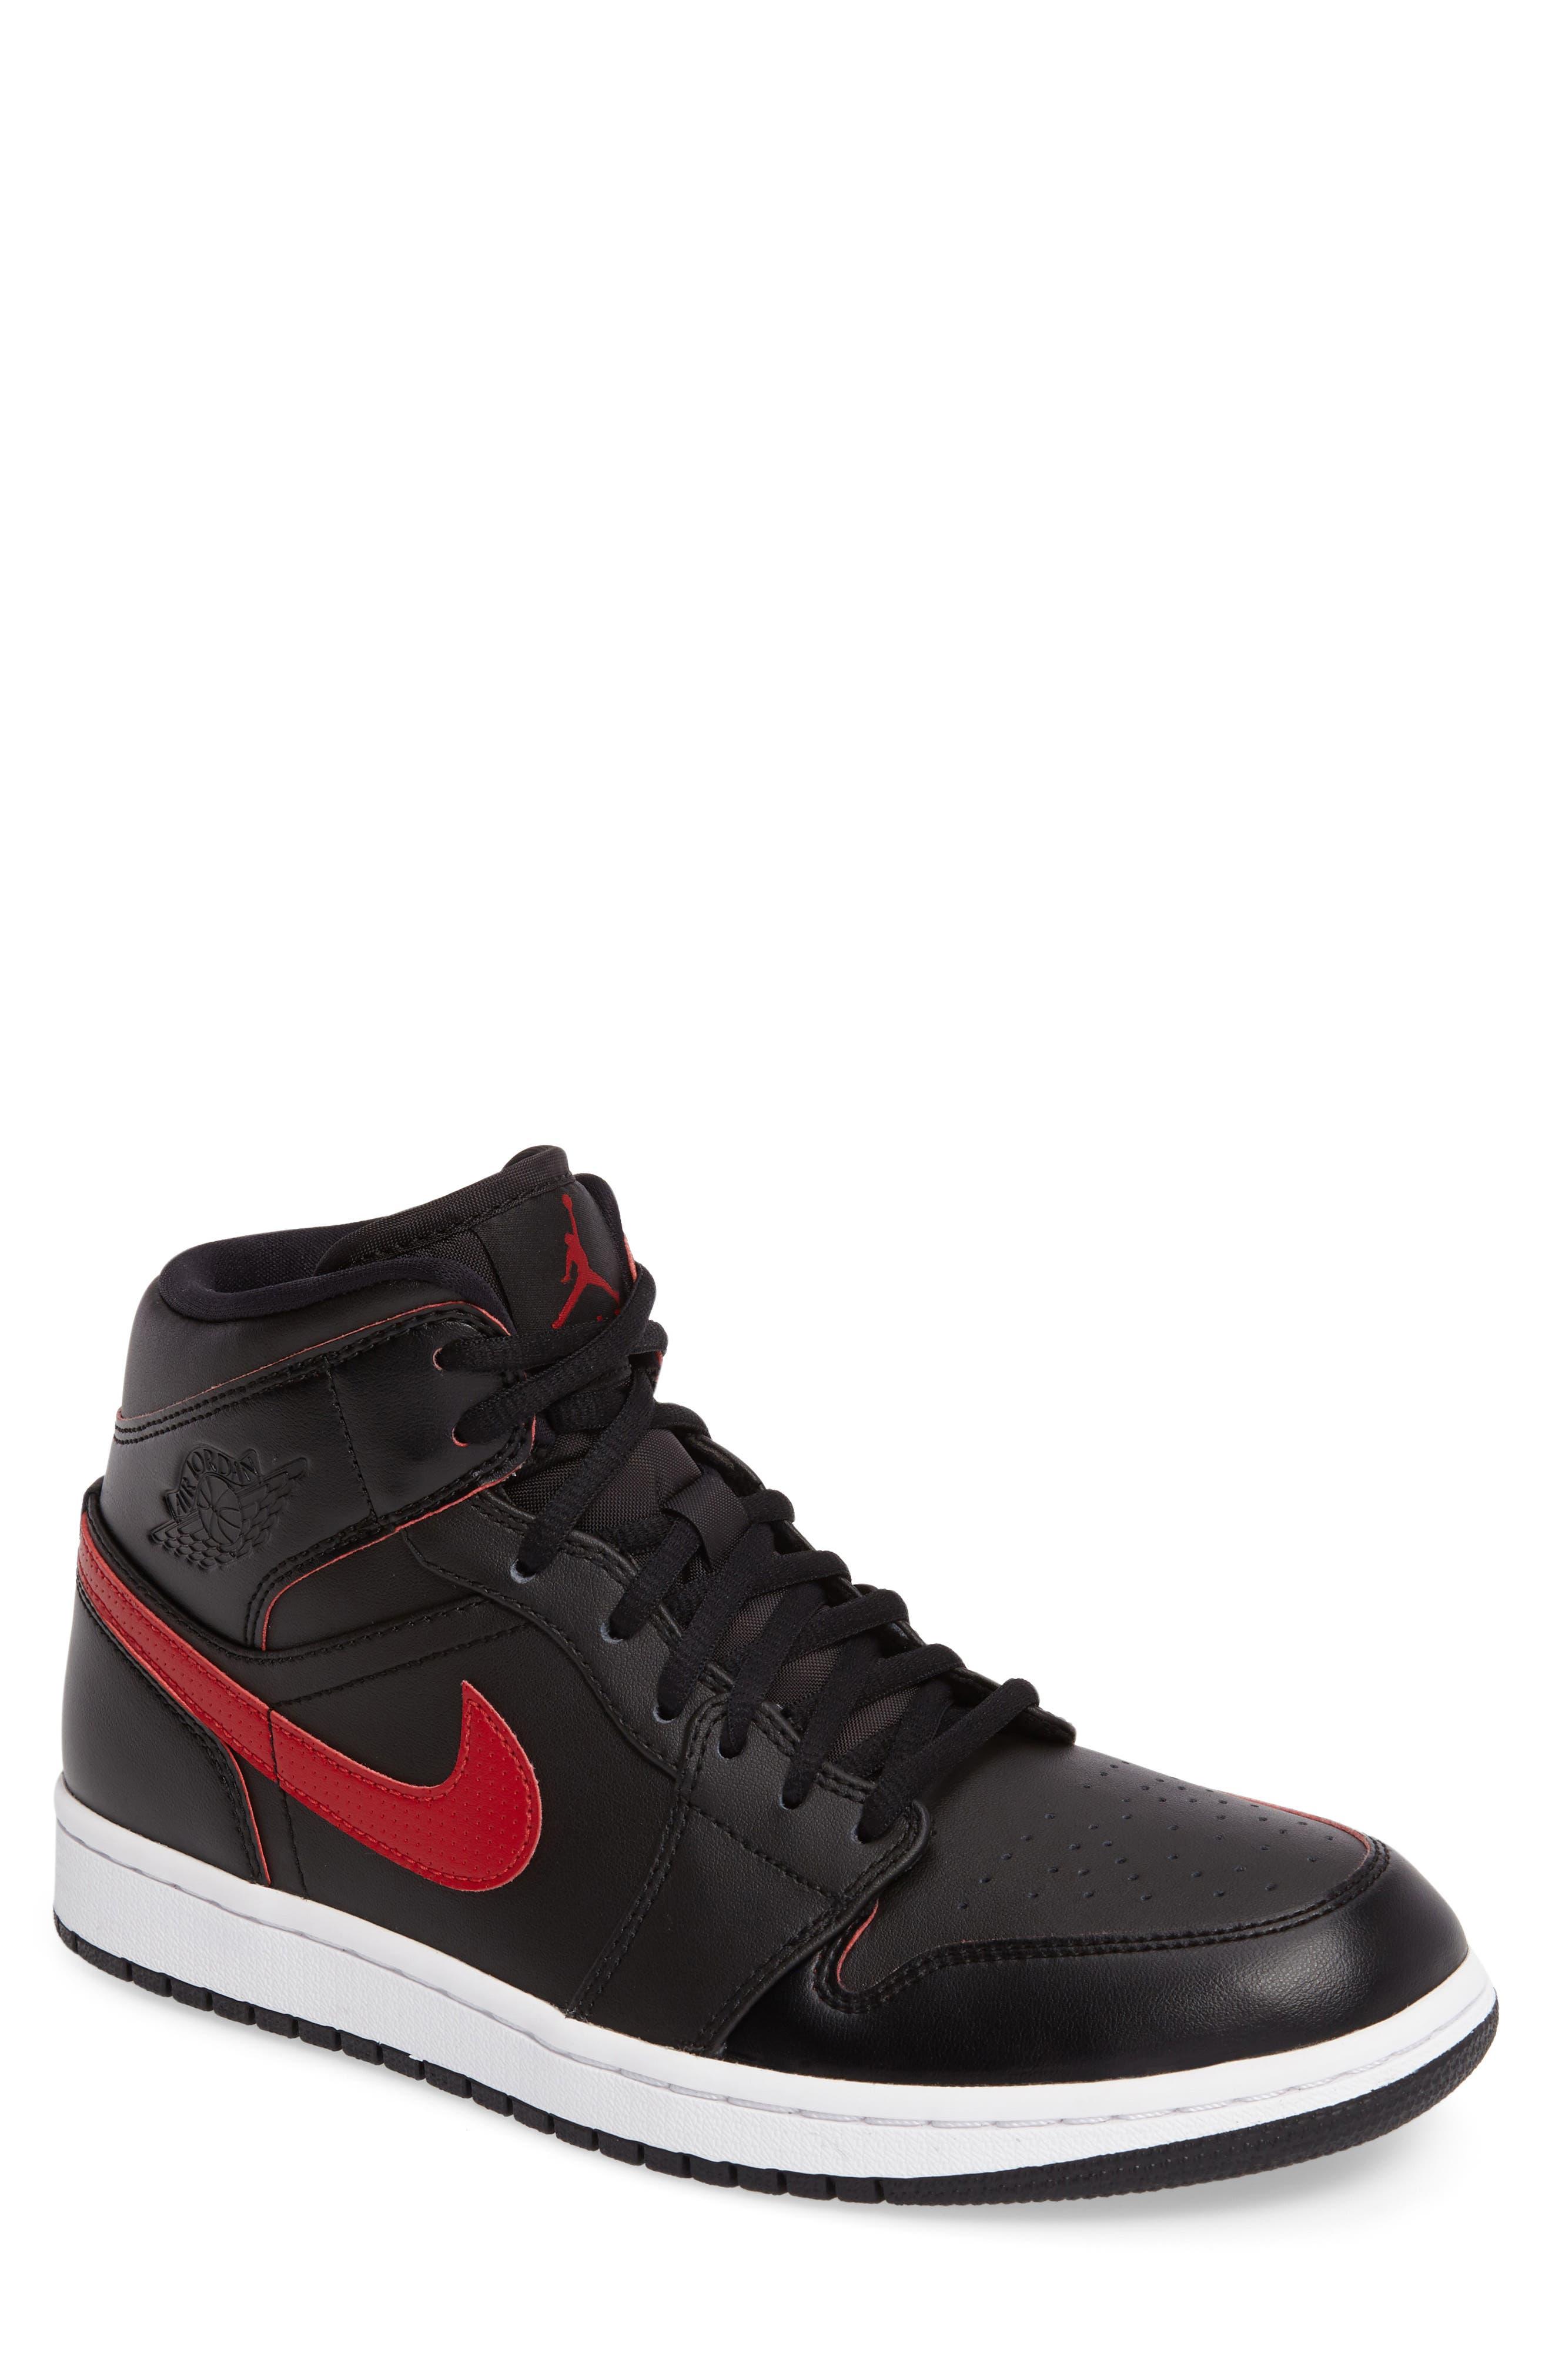 Main Image - Nike 'Air Jordan 1 Mid' Sneaker (Men)